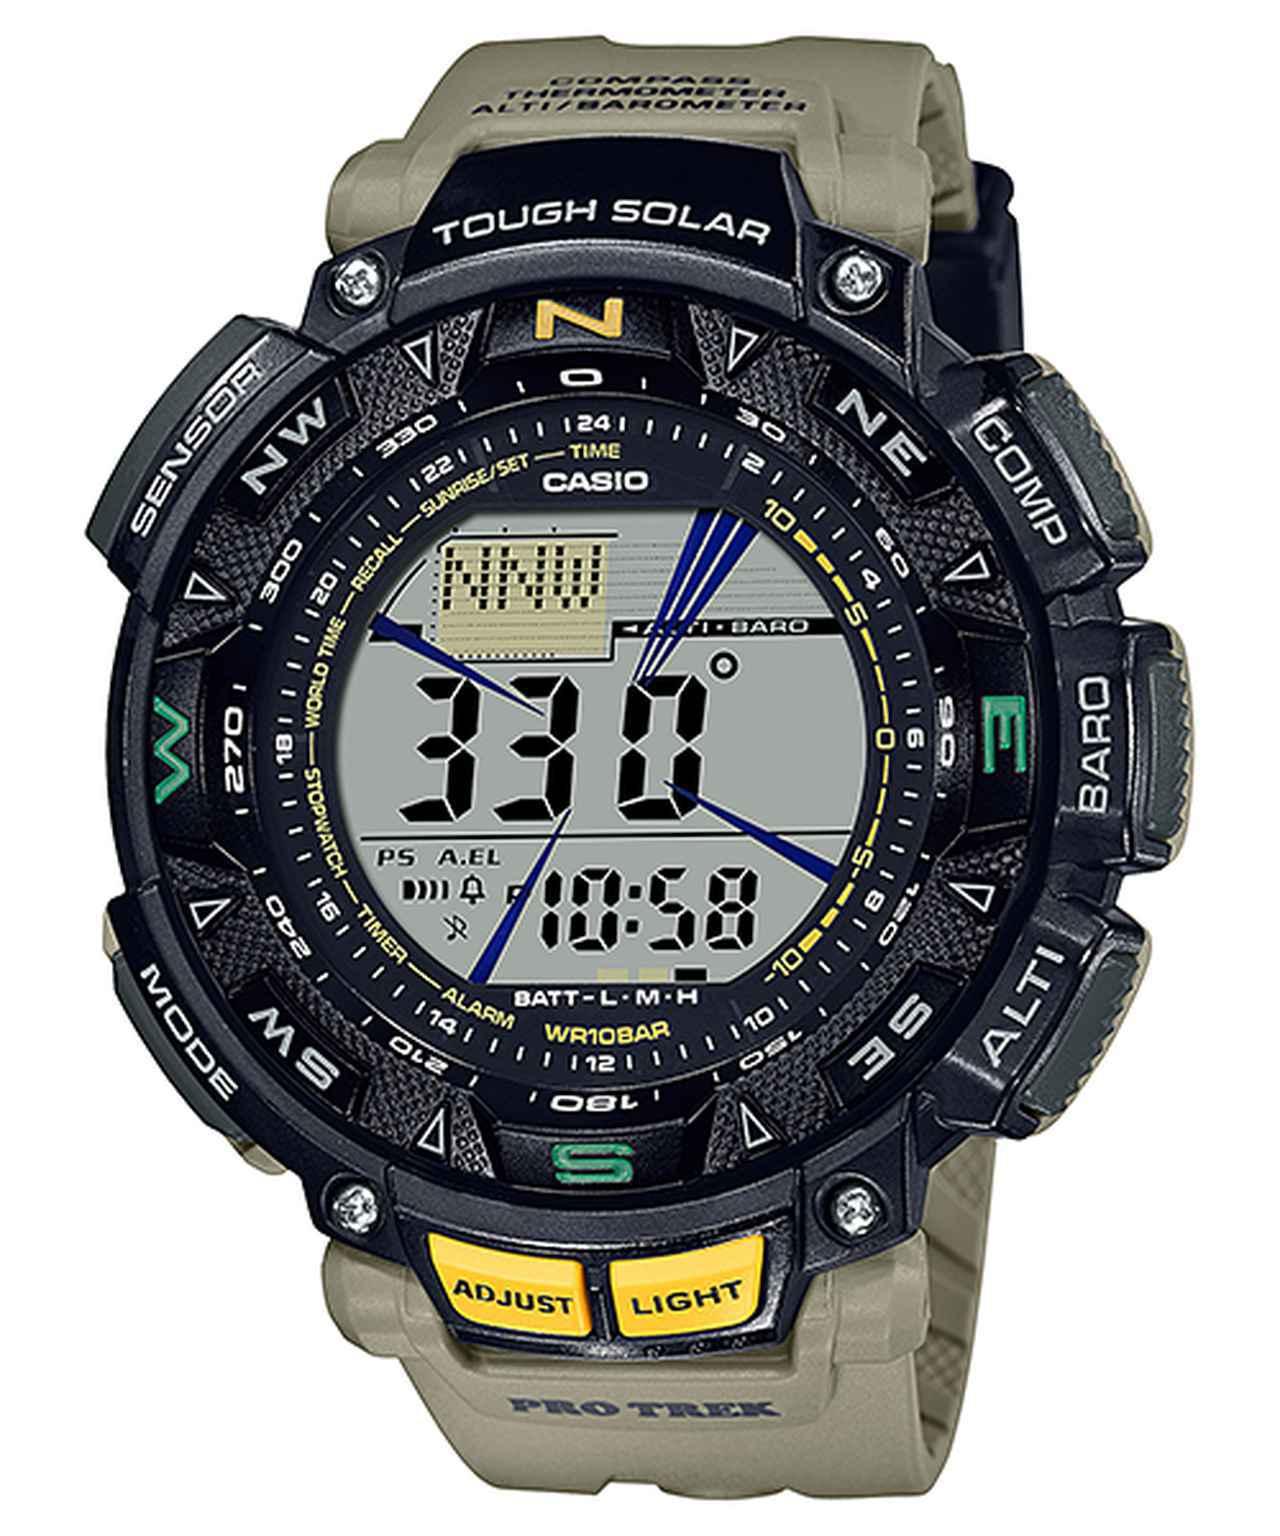 画像2: アウトドア好きの物欲をくすぐるデザインと機能! カシオのプロトレックから腕時計の新製品が登場